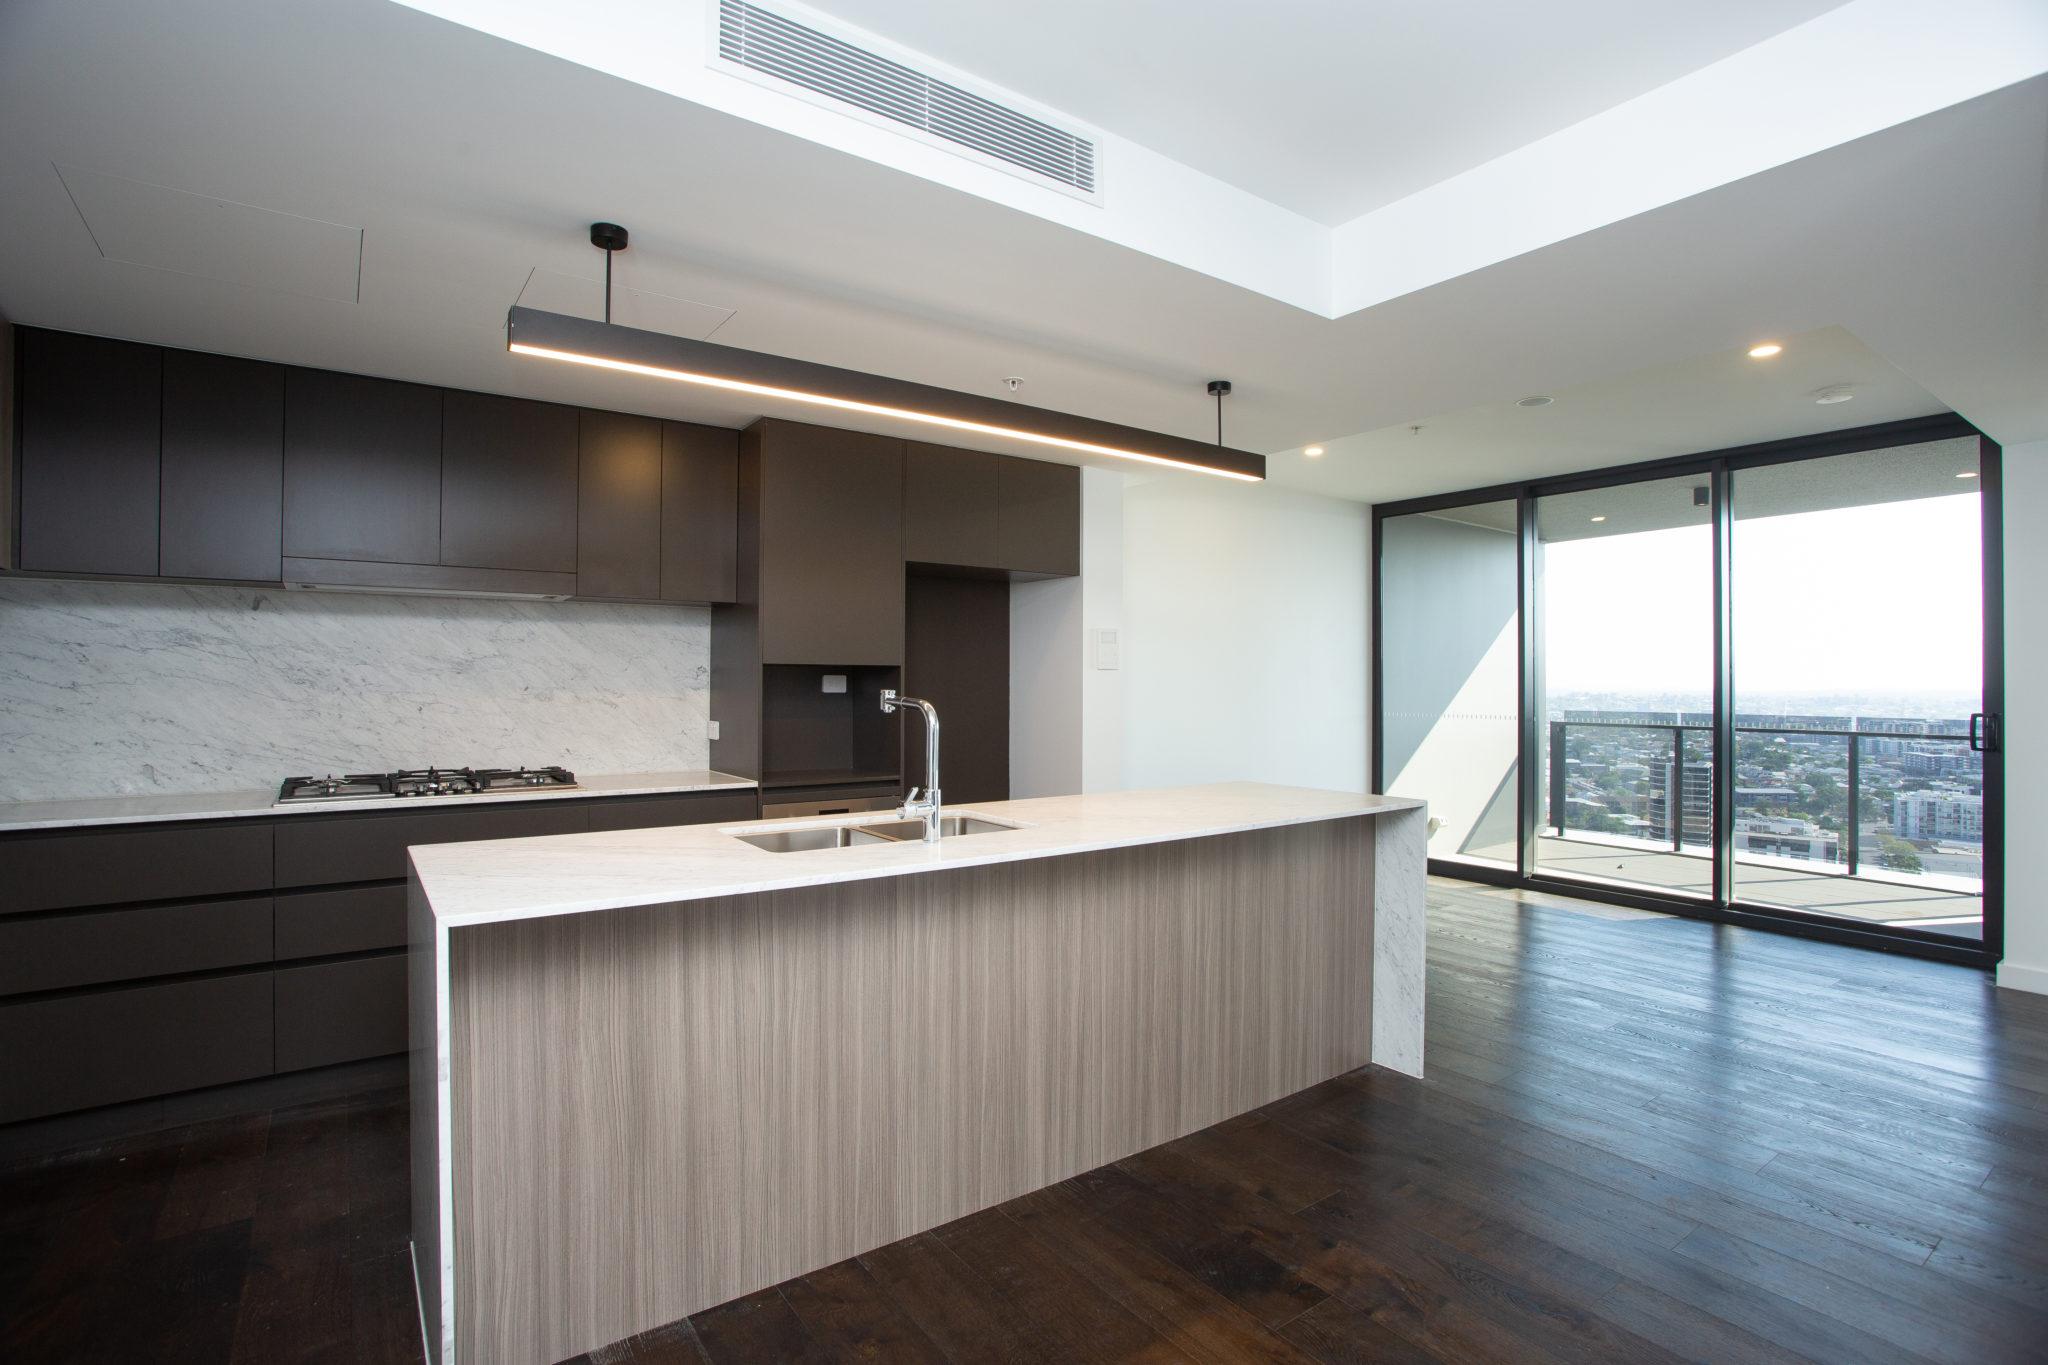 Apartment 13102 - 96sqm